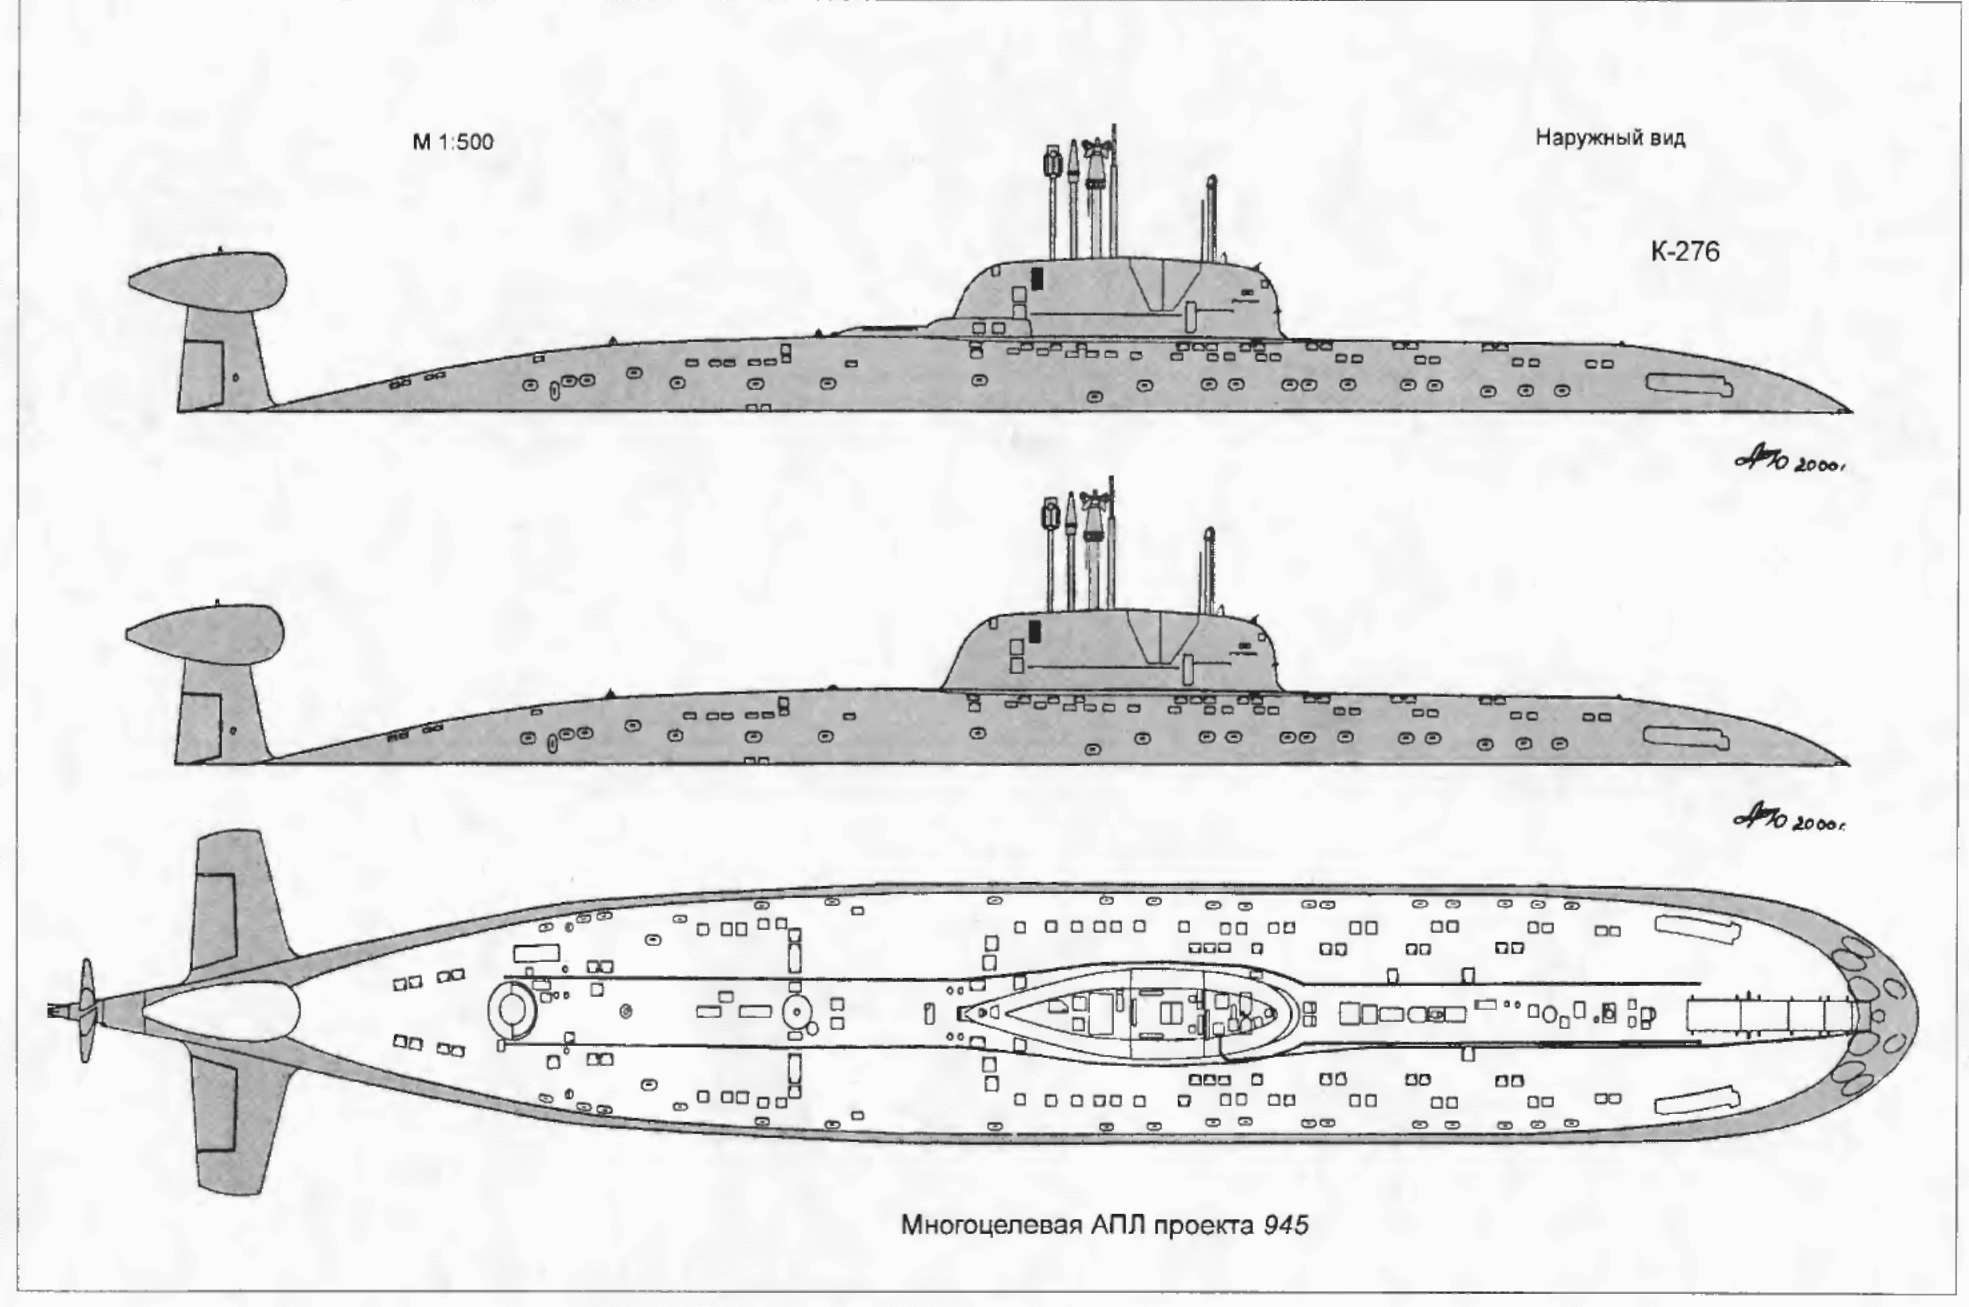 Схема АПЛ проекта 945